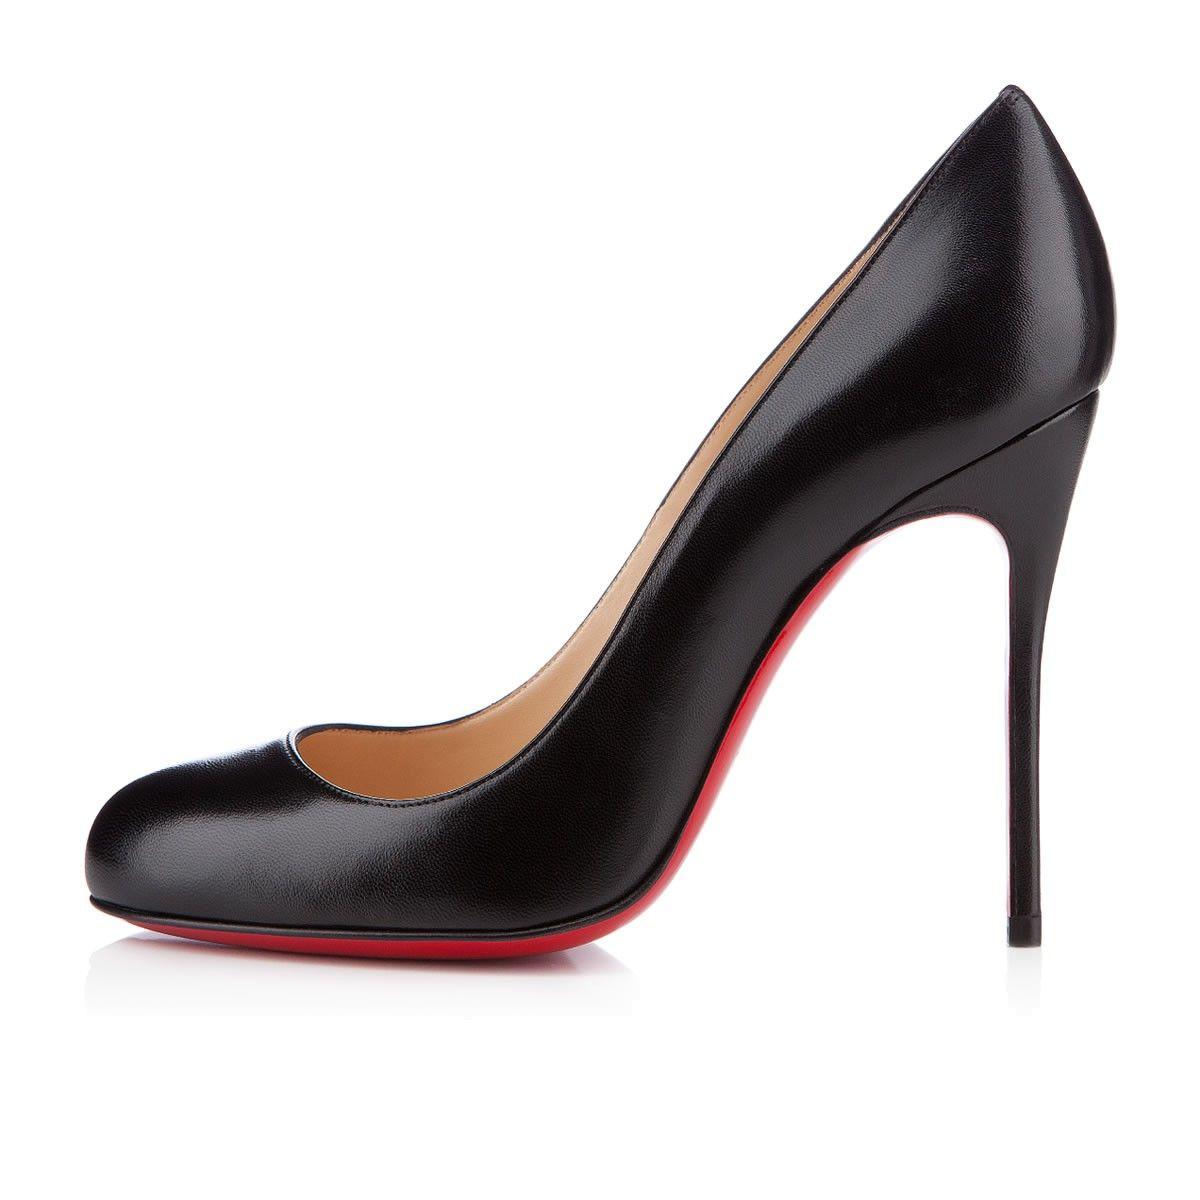 christian louboutin shoes fifi